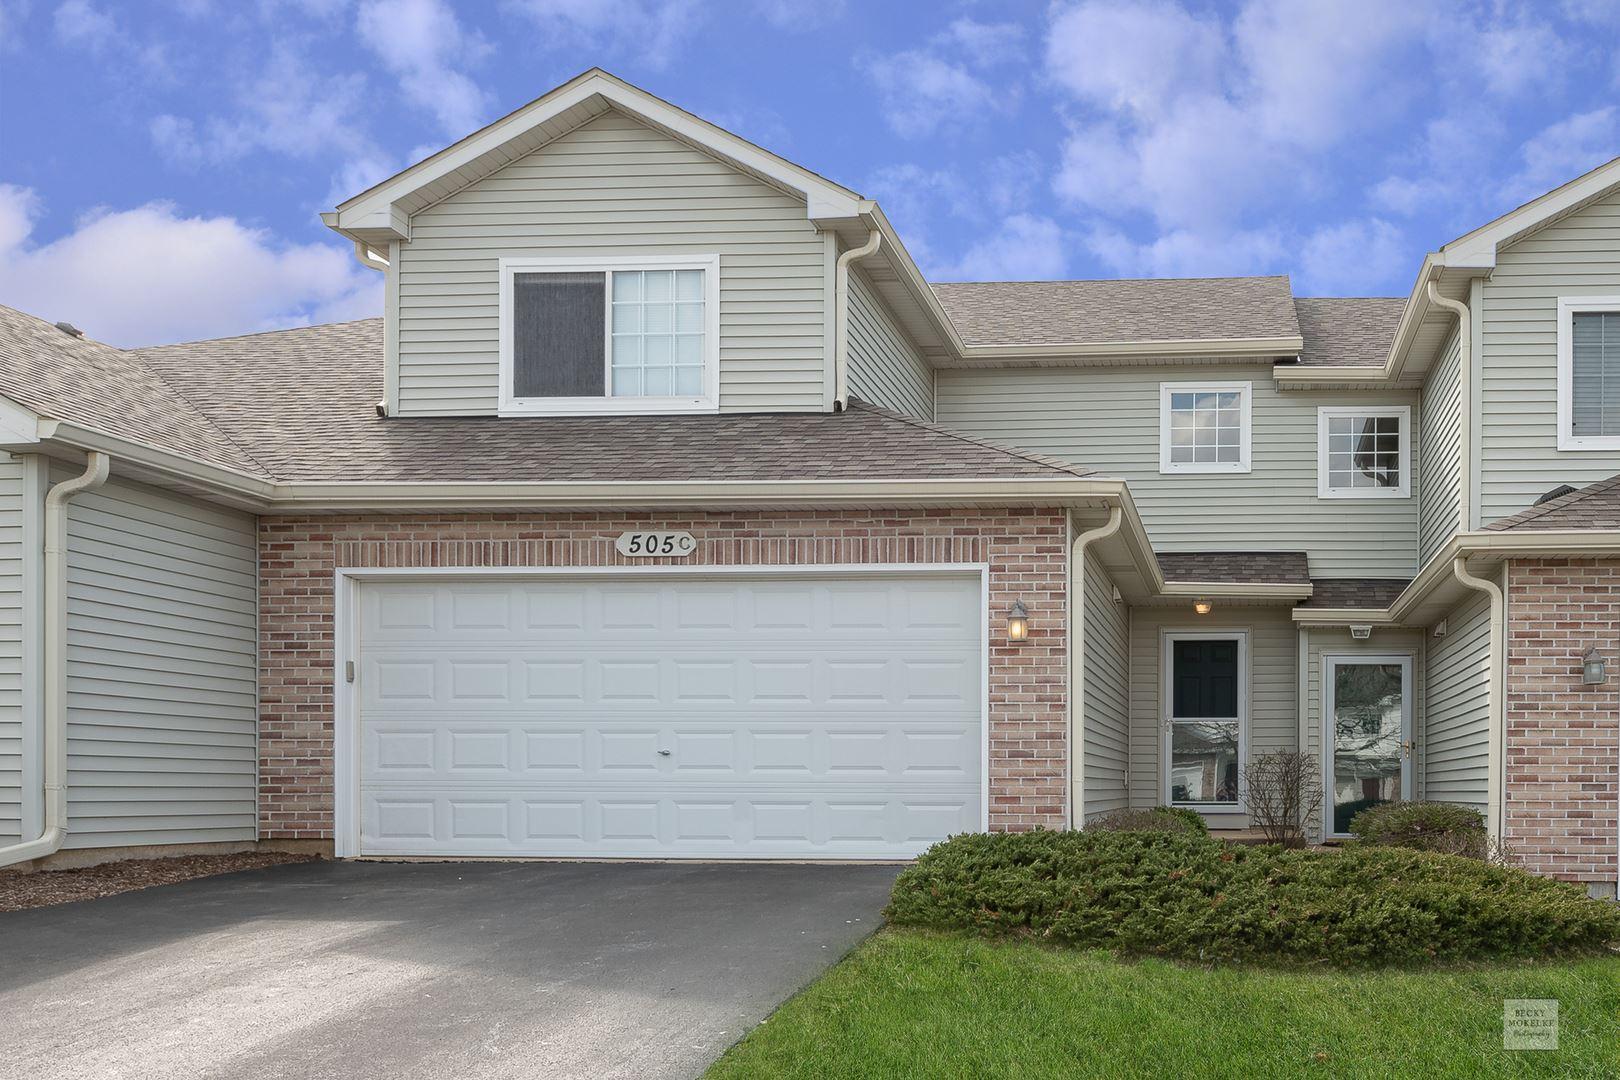 505 Glen Drive #C, Sugar Grove, IL 60554 - #: 10687843